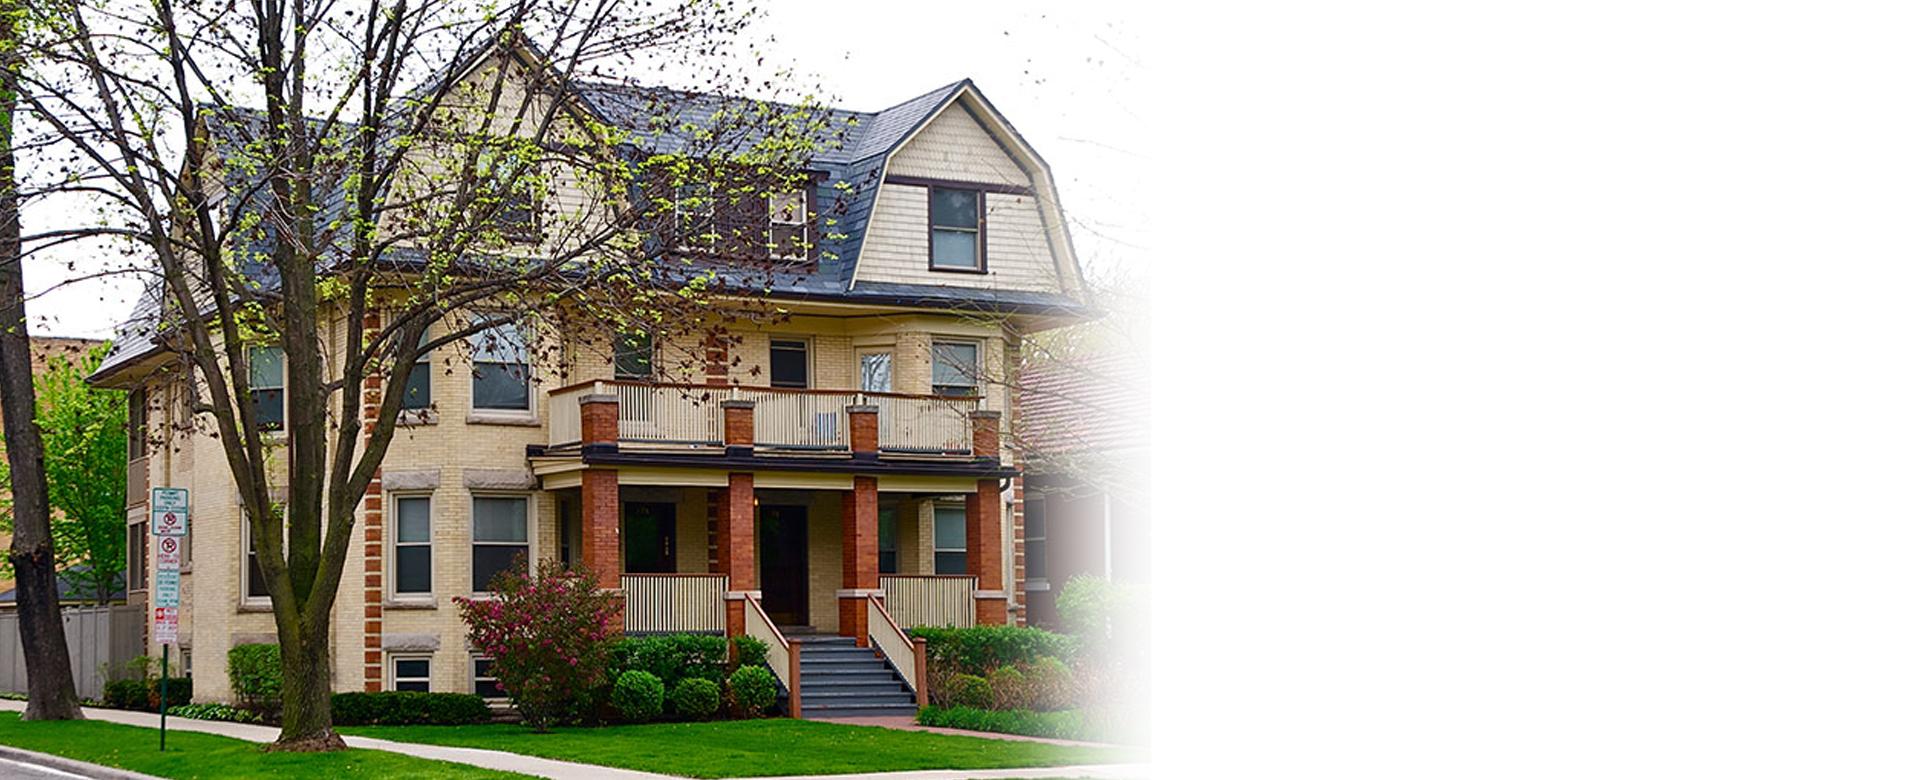 176-178 N Humphrey Ave.